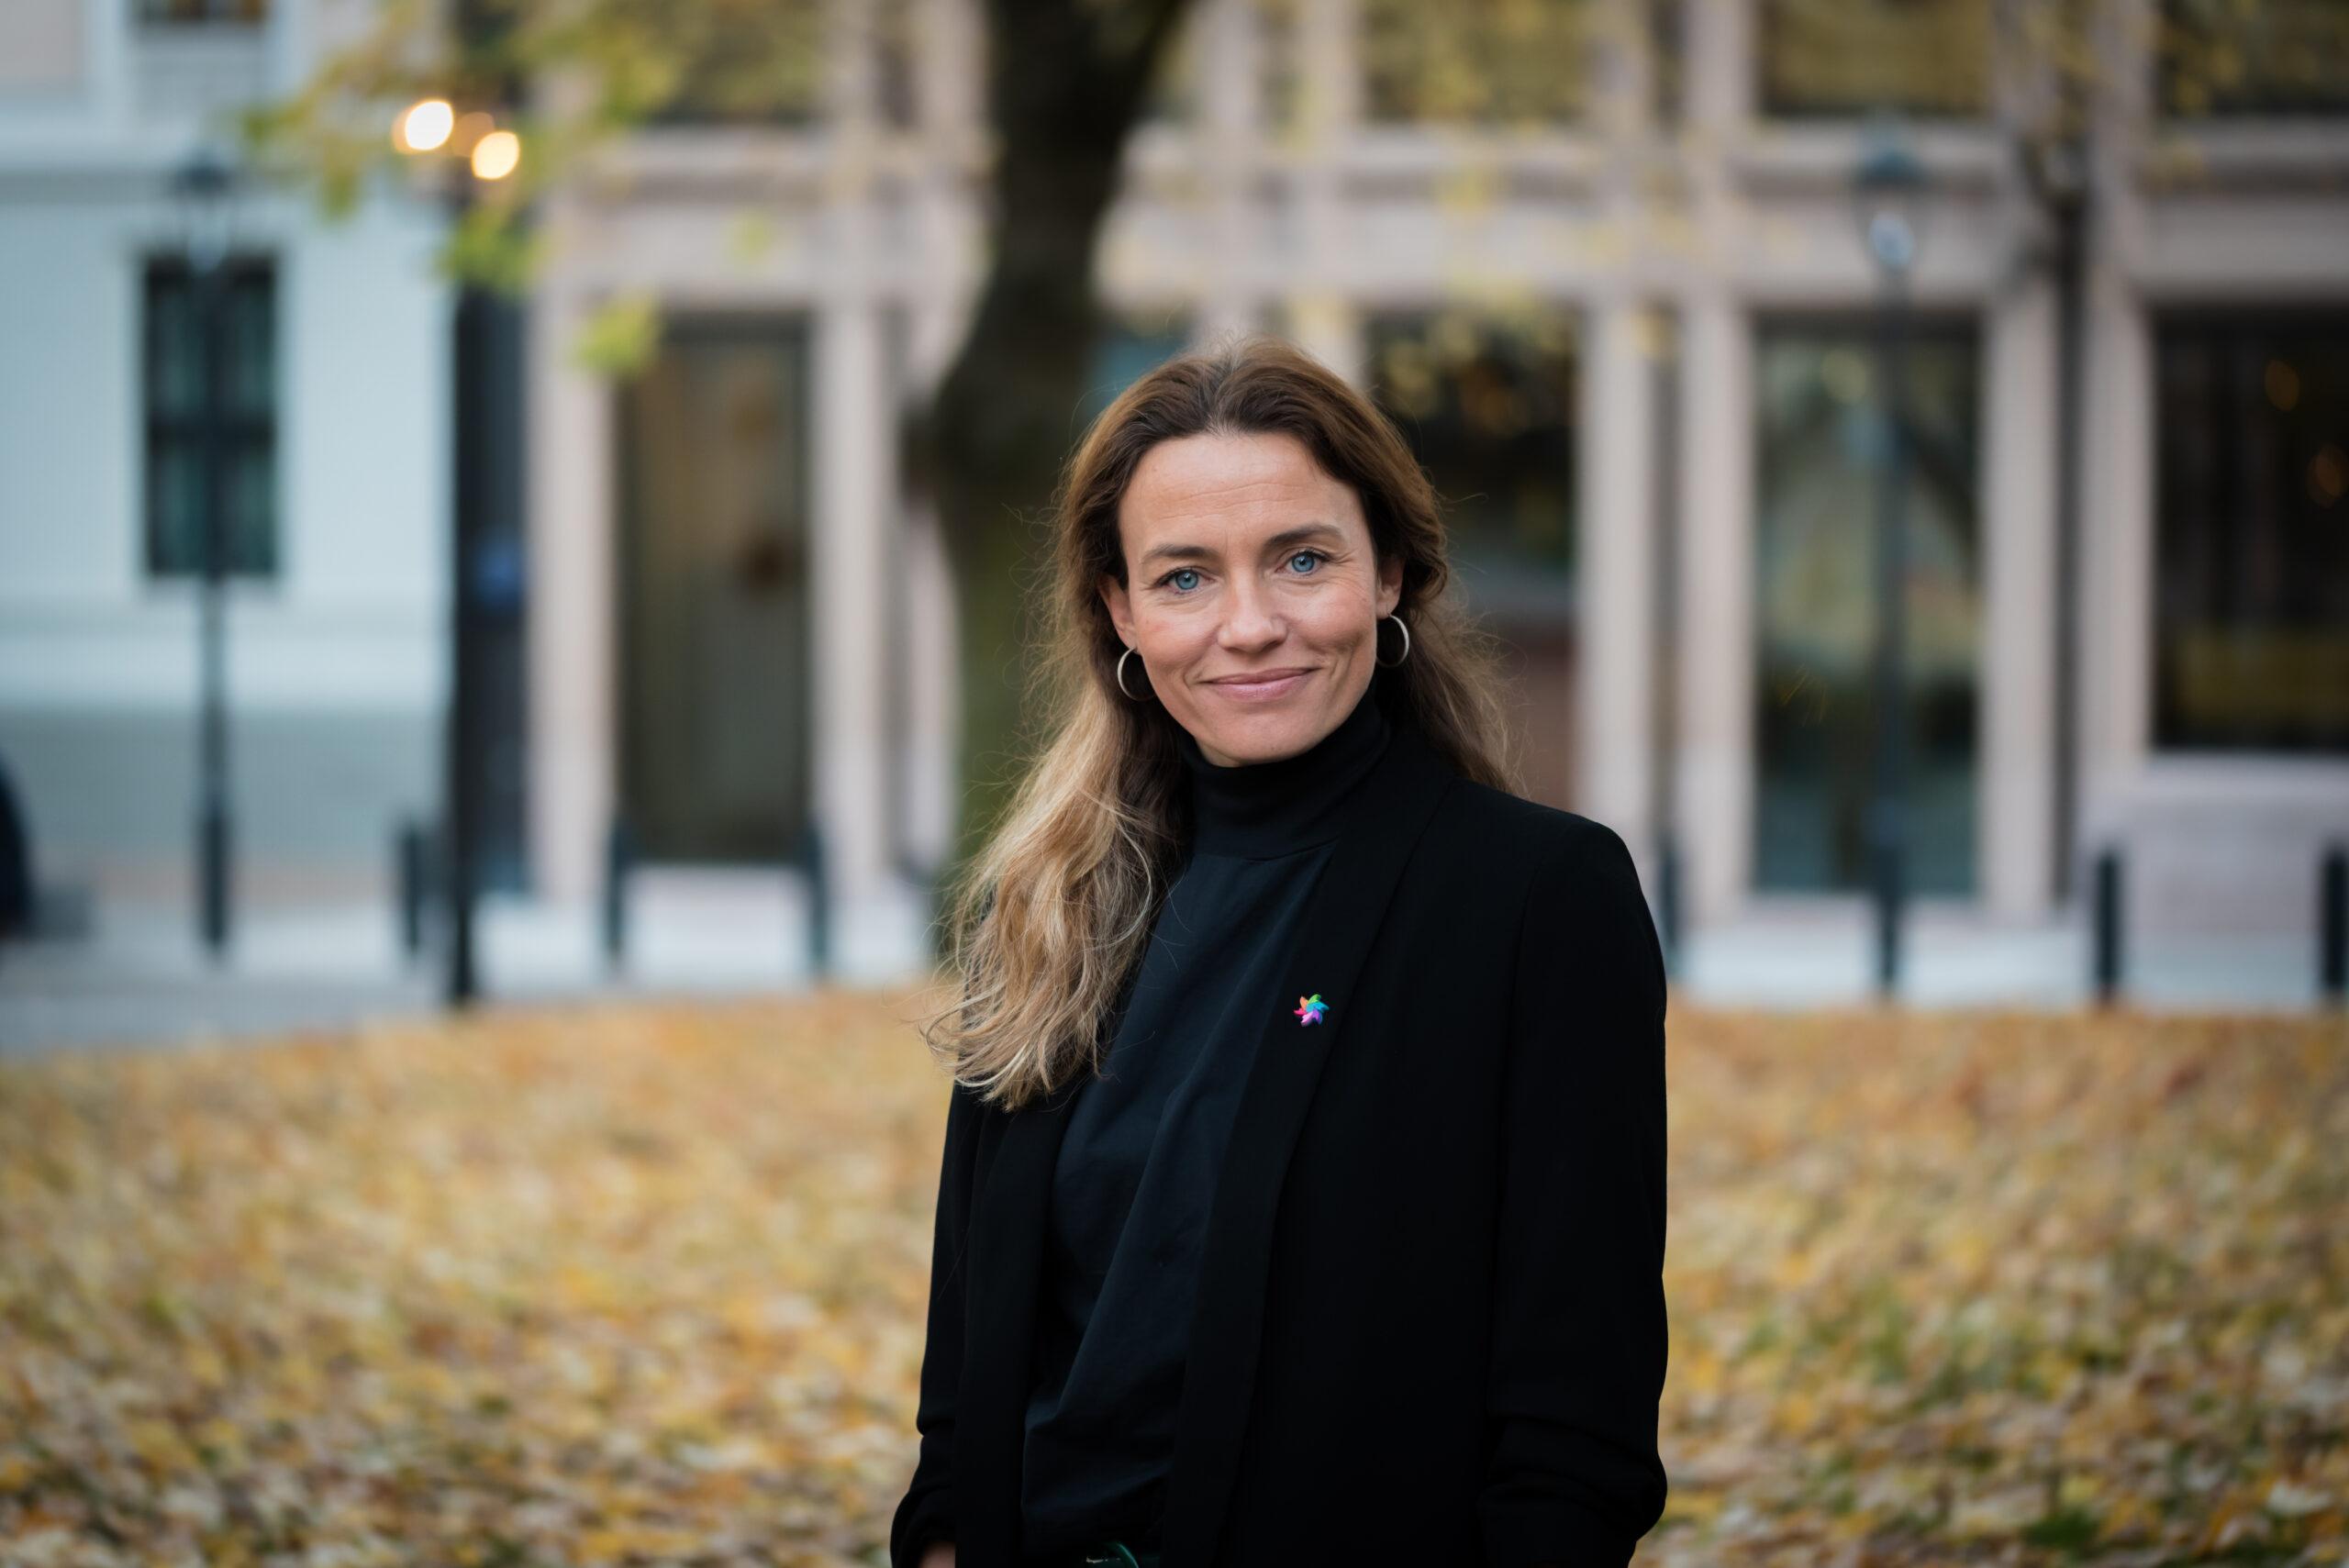 Ingrid Stenstadvold Ross